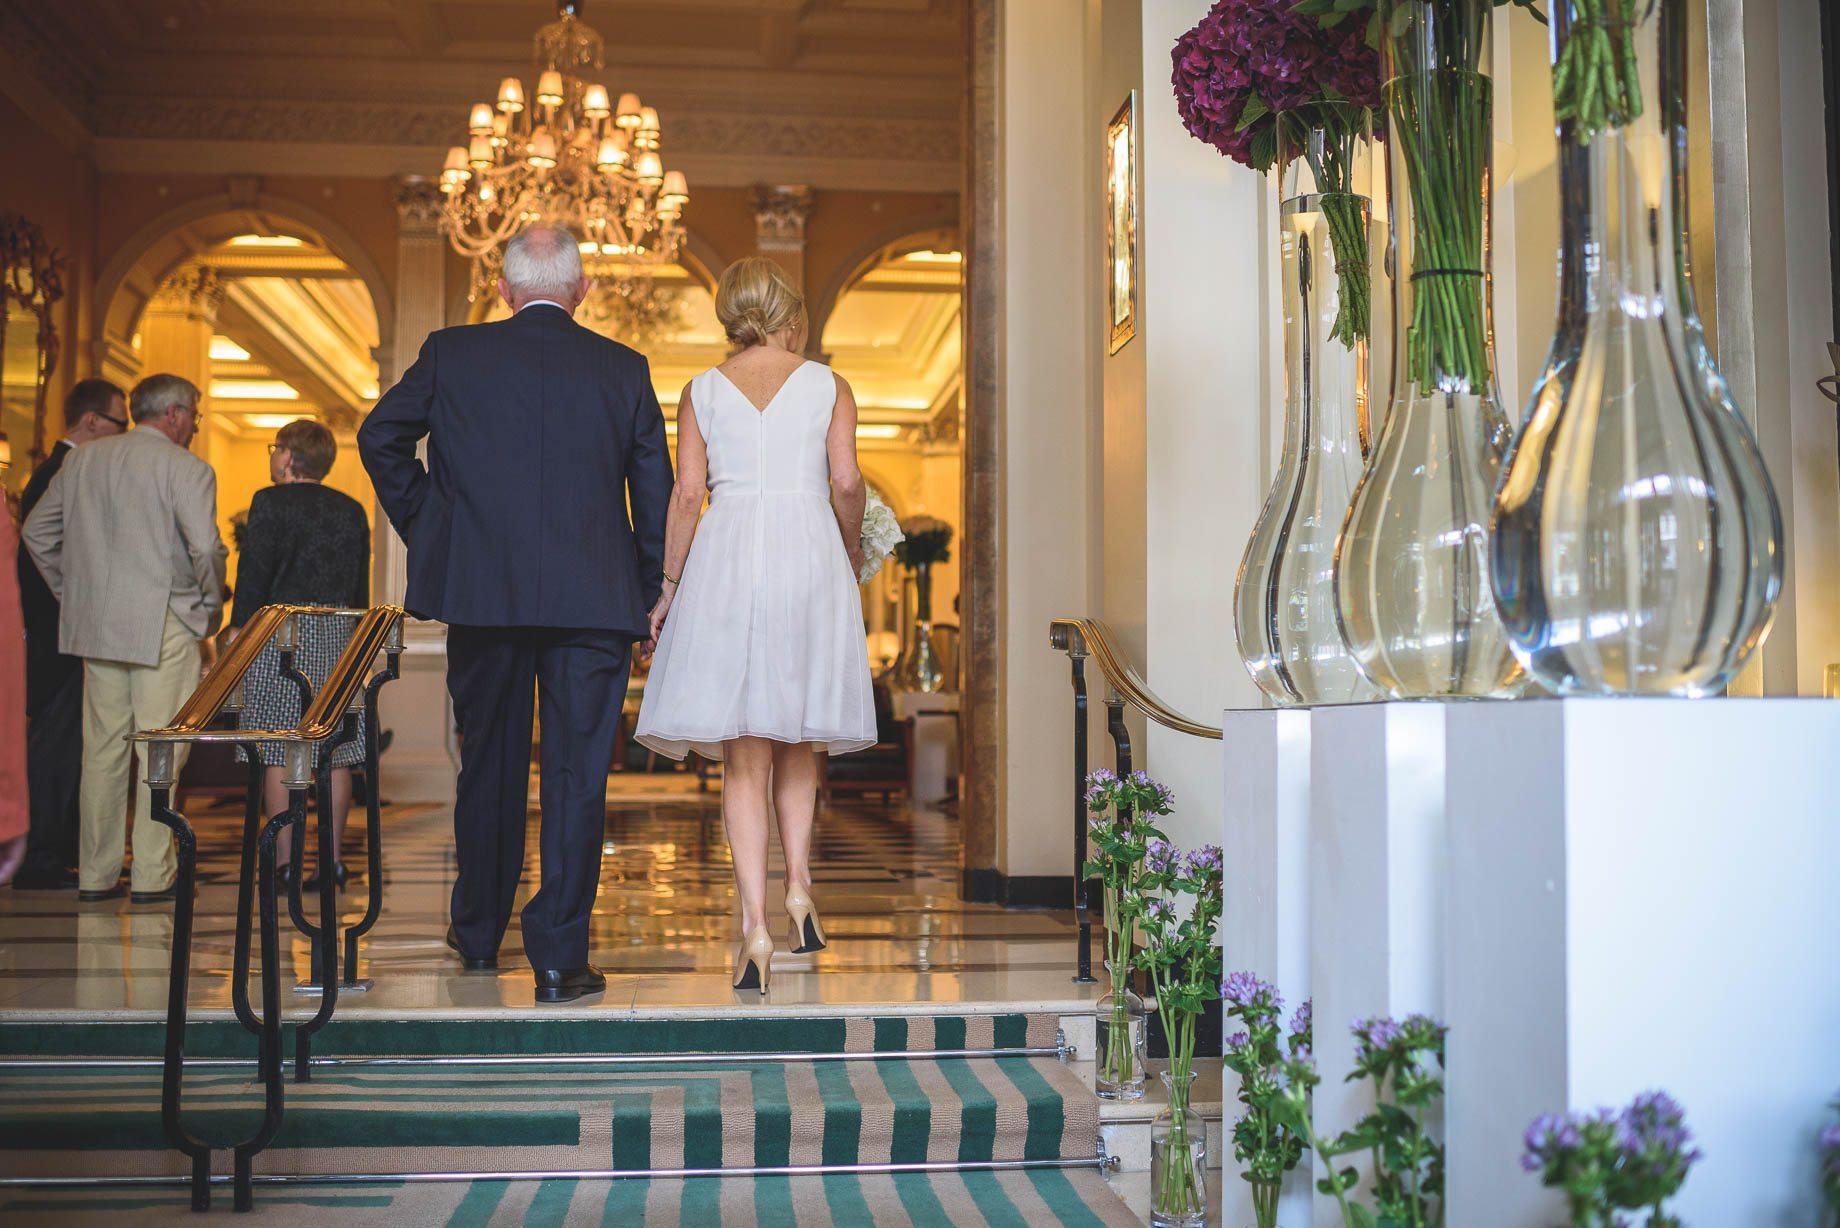 Mayfair wedding photography - Allison and Eugene (65 of 94)